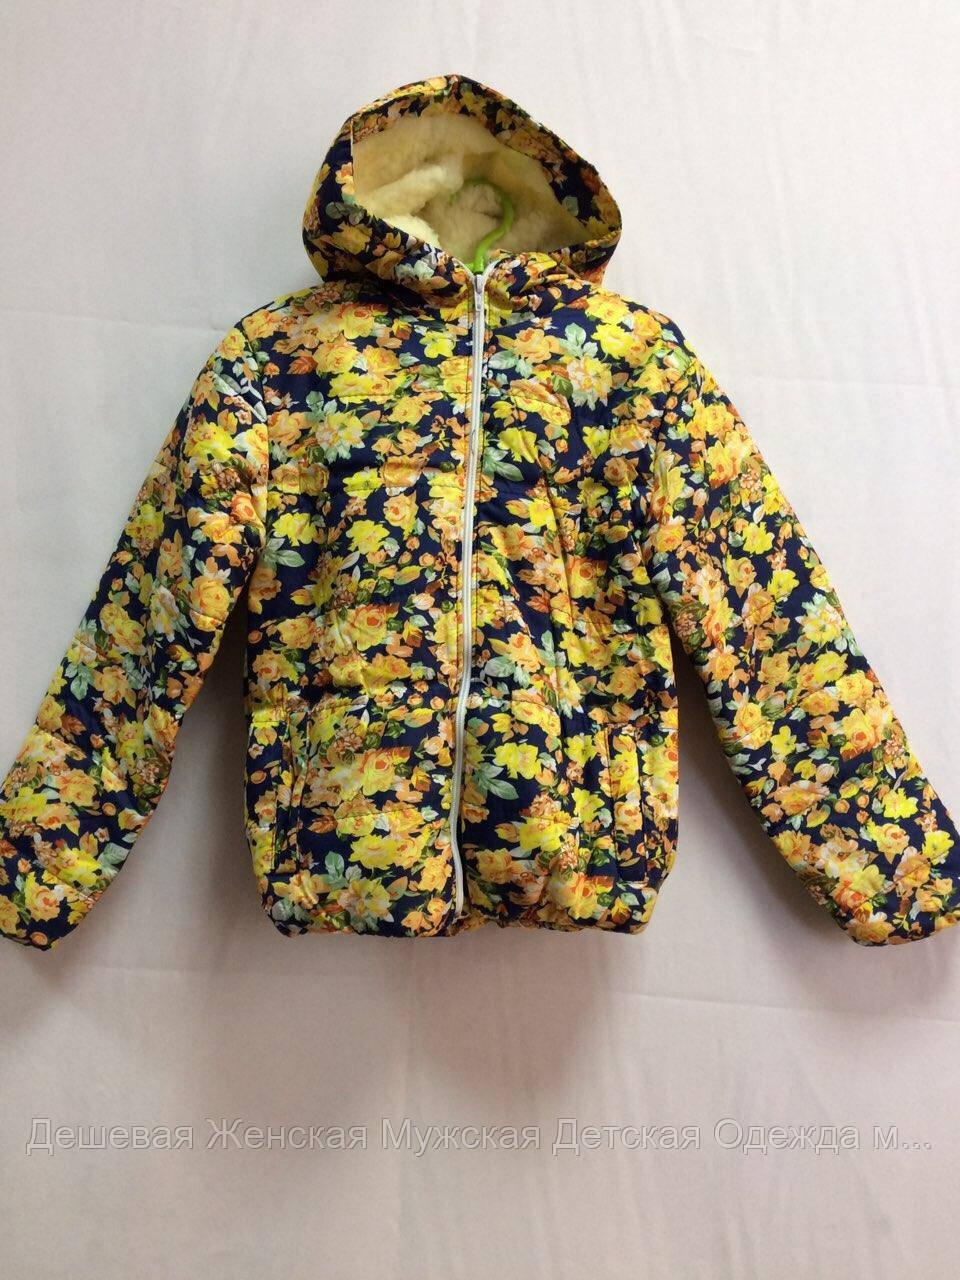 Куртка детская, поздняя осень - зима